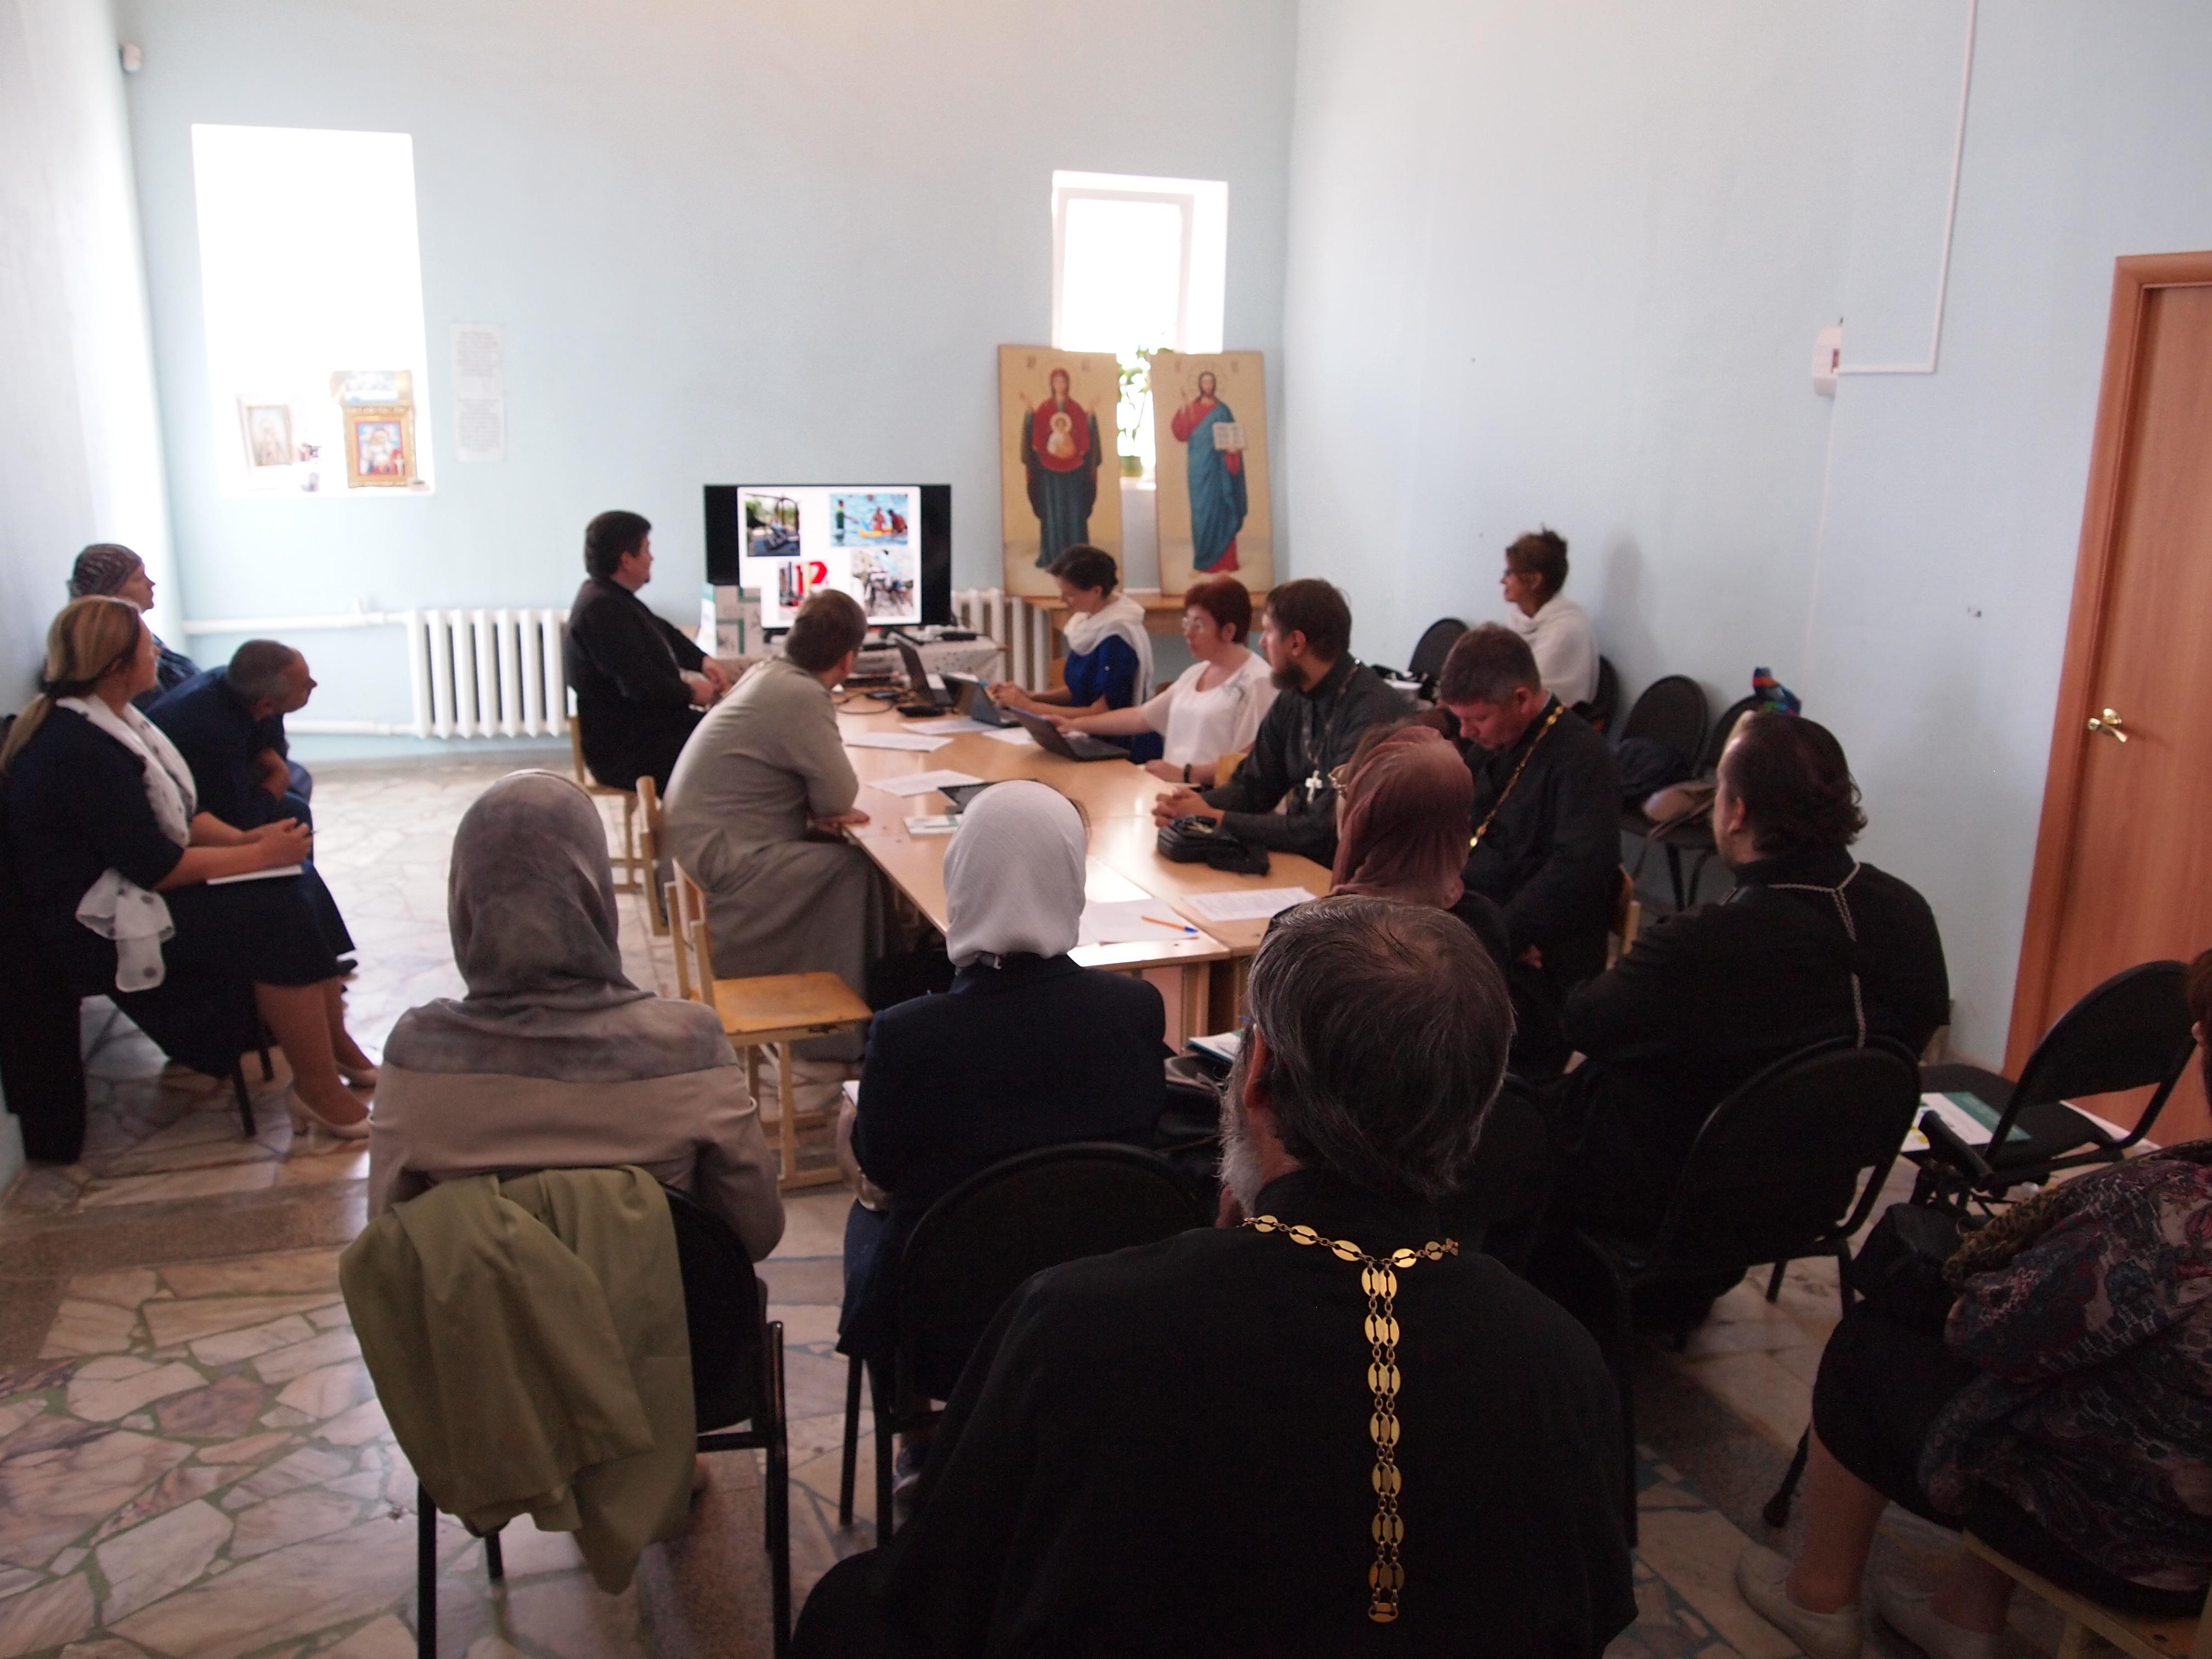 Конференция по адаптации храмов для людей с ограниченными возможностями здоровья